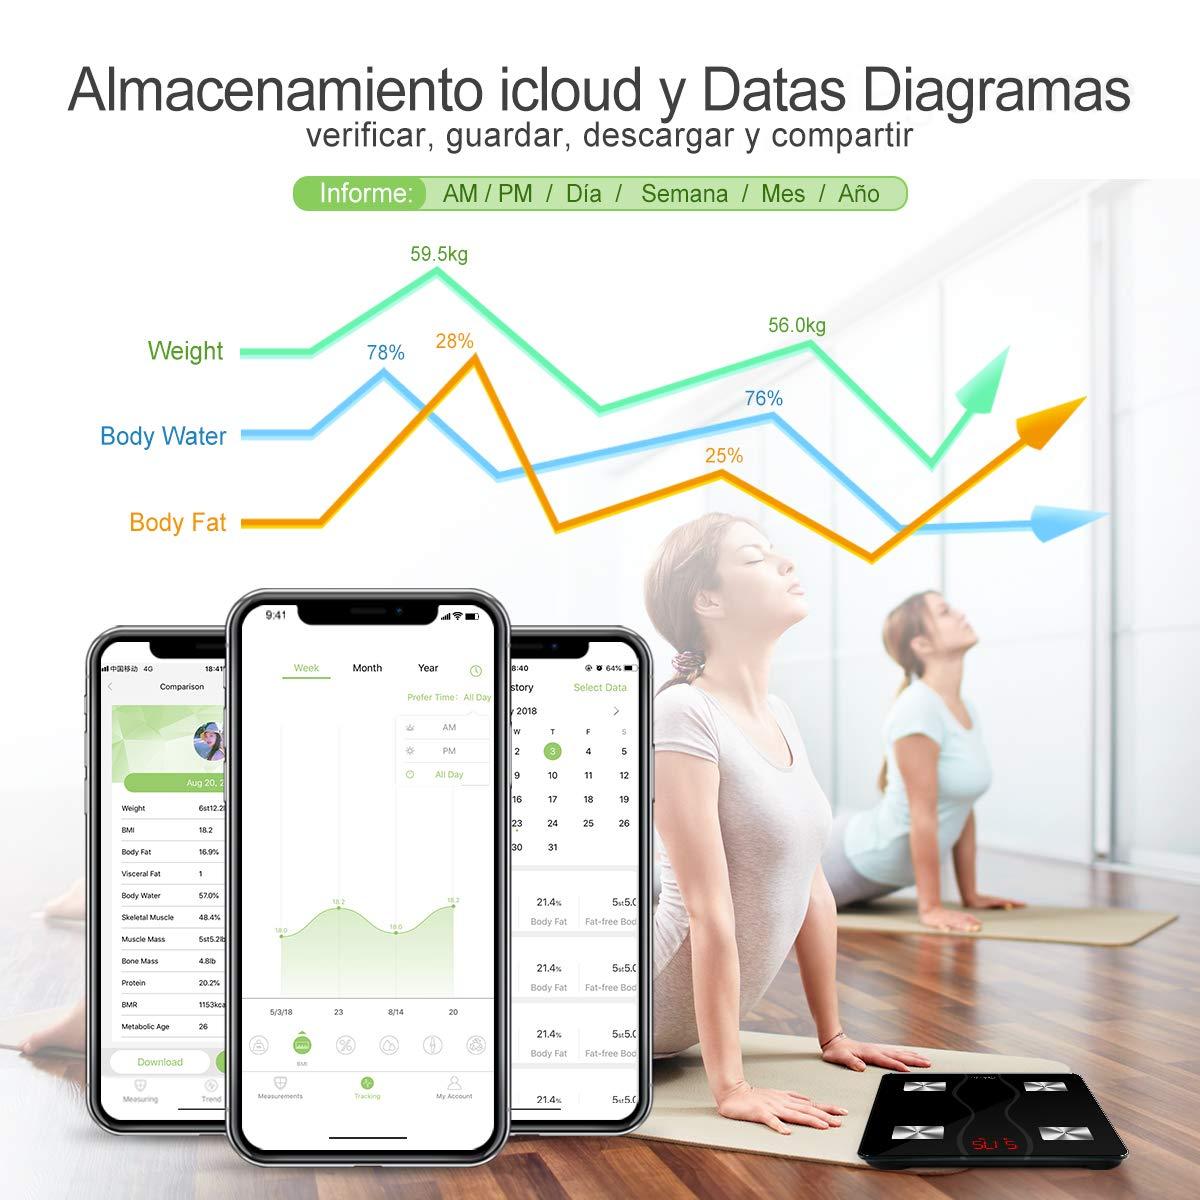 iTeknic Báscula Inteligente Multifunciones con Bluetooth Puede Conectar con Smartphone Compatible la Sistema de Andriod 4.3 y IOS 8 o Superior con Tecnología BIA Detectar y Analizar los 11 Datos de su Cuerpo (Agua,Caloría,Peso,Grasa,BMR y e